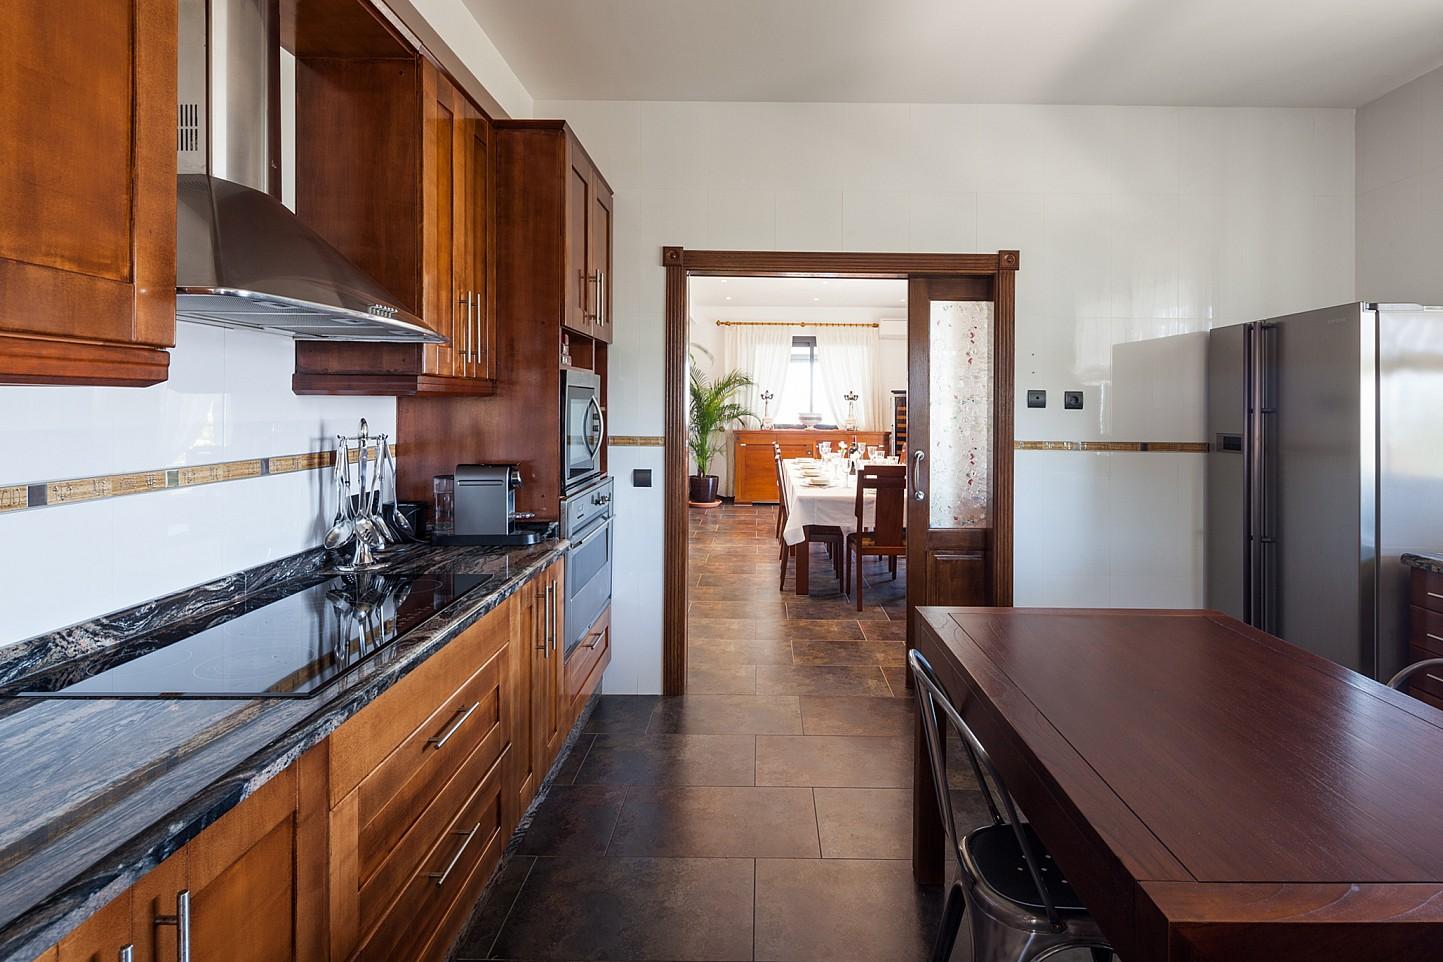 Vistes interiors de la cuina amb accés al menjador